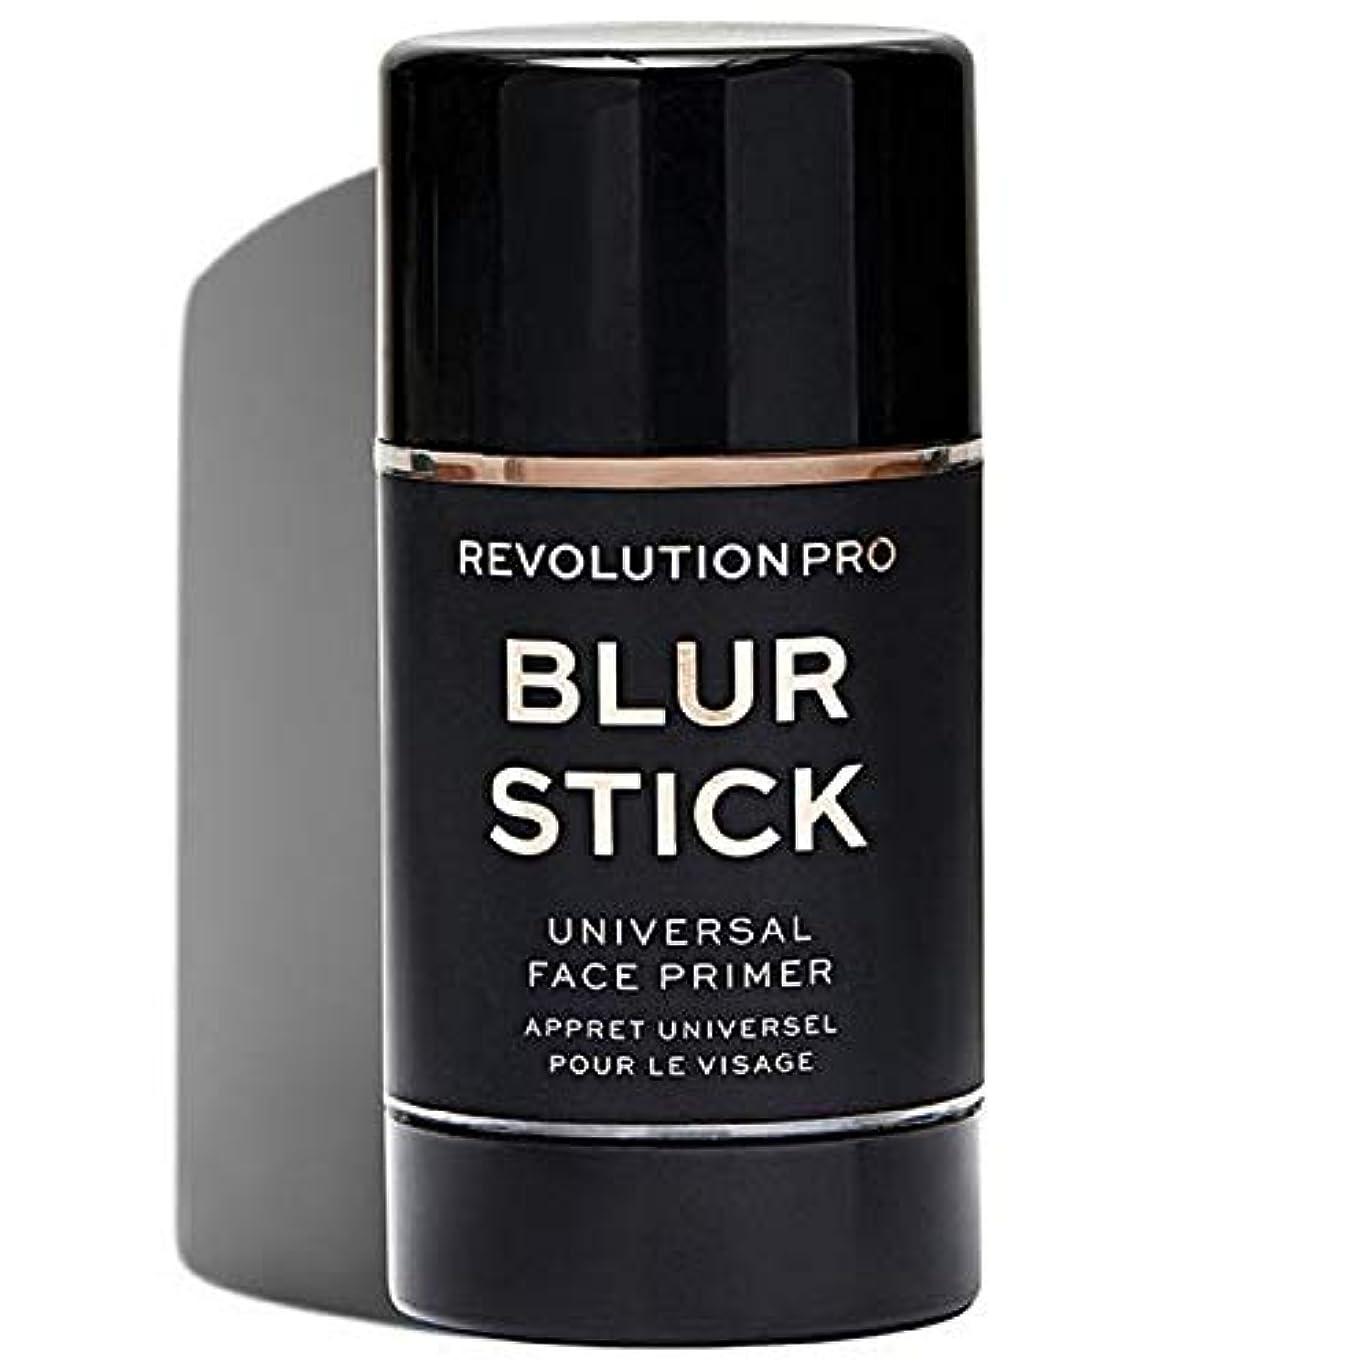 ブローホール市長フレキシブル[Revolution ] 革命プロブラースティック - Revolution Pro Blur Stick [並行輸入品]